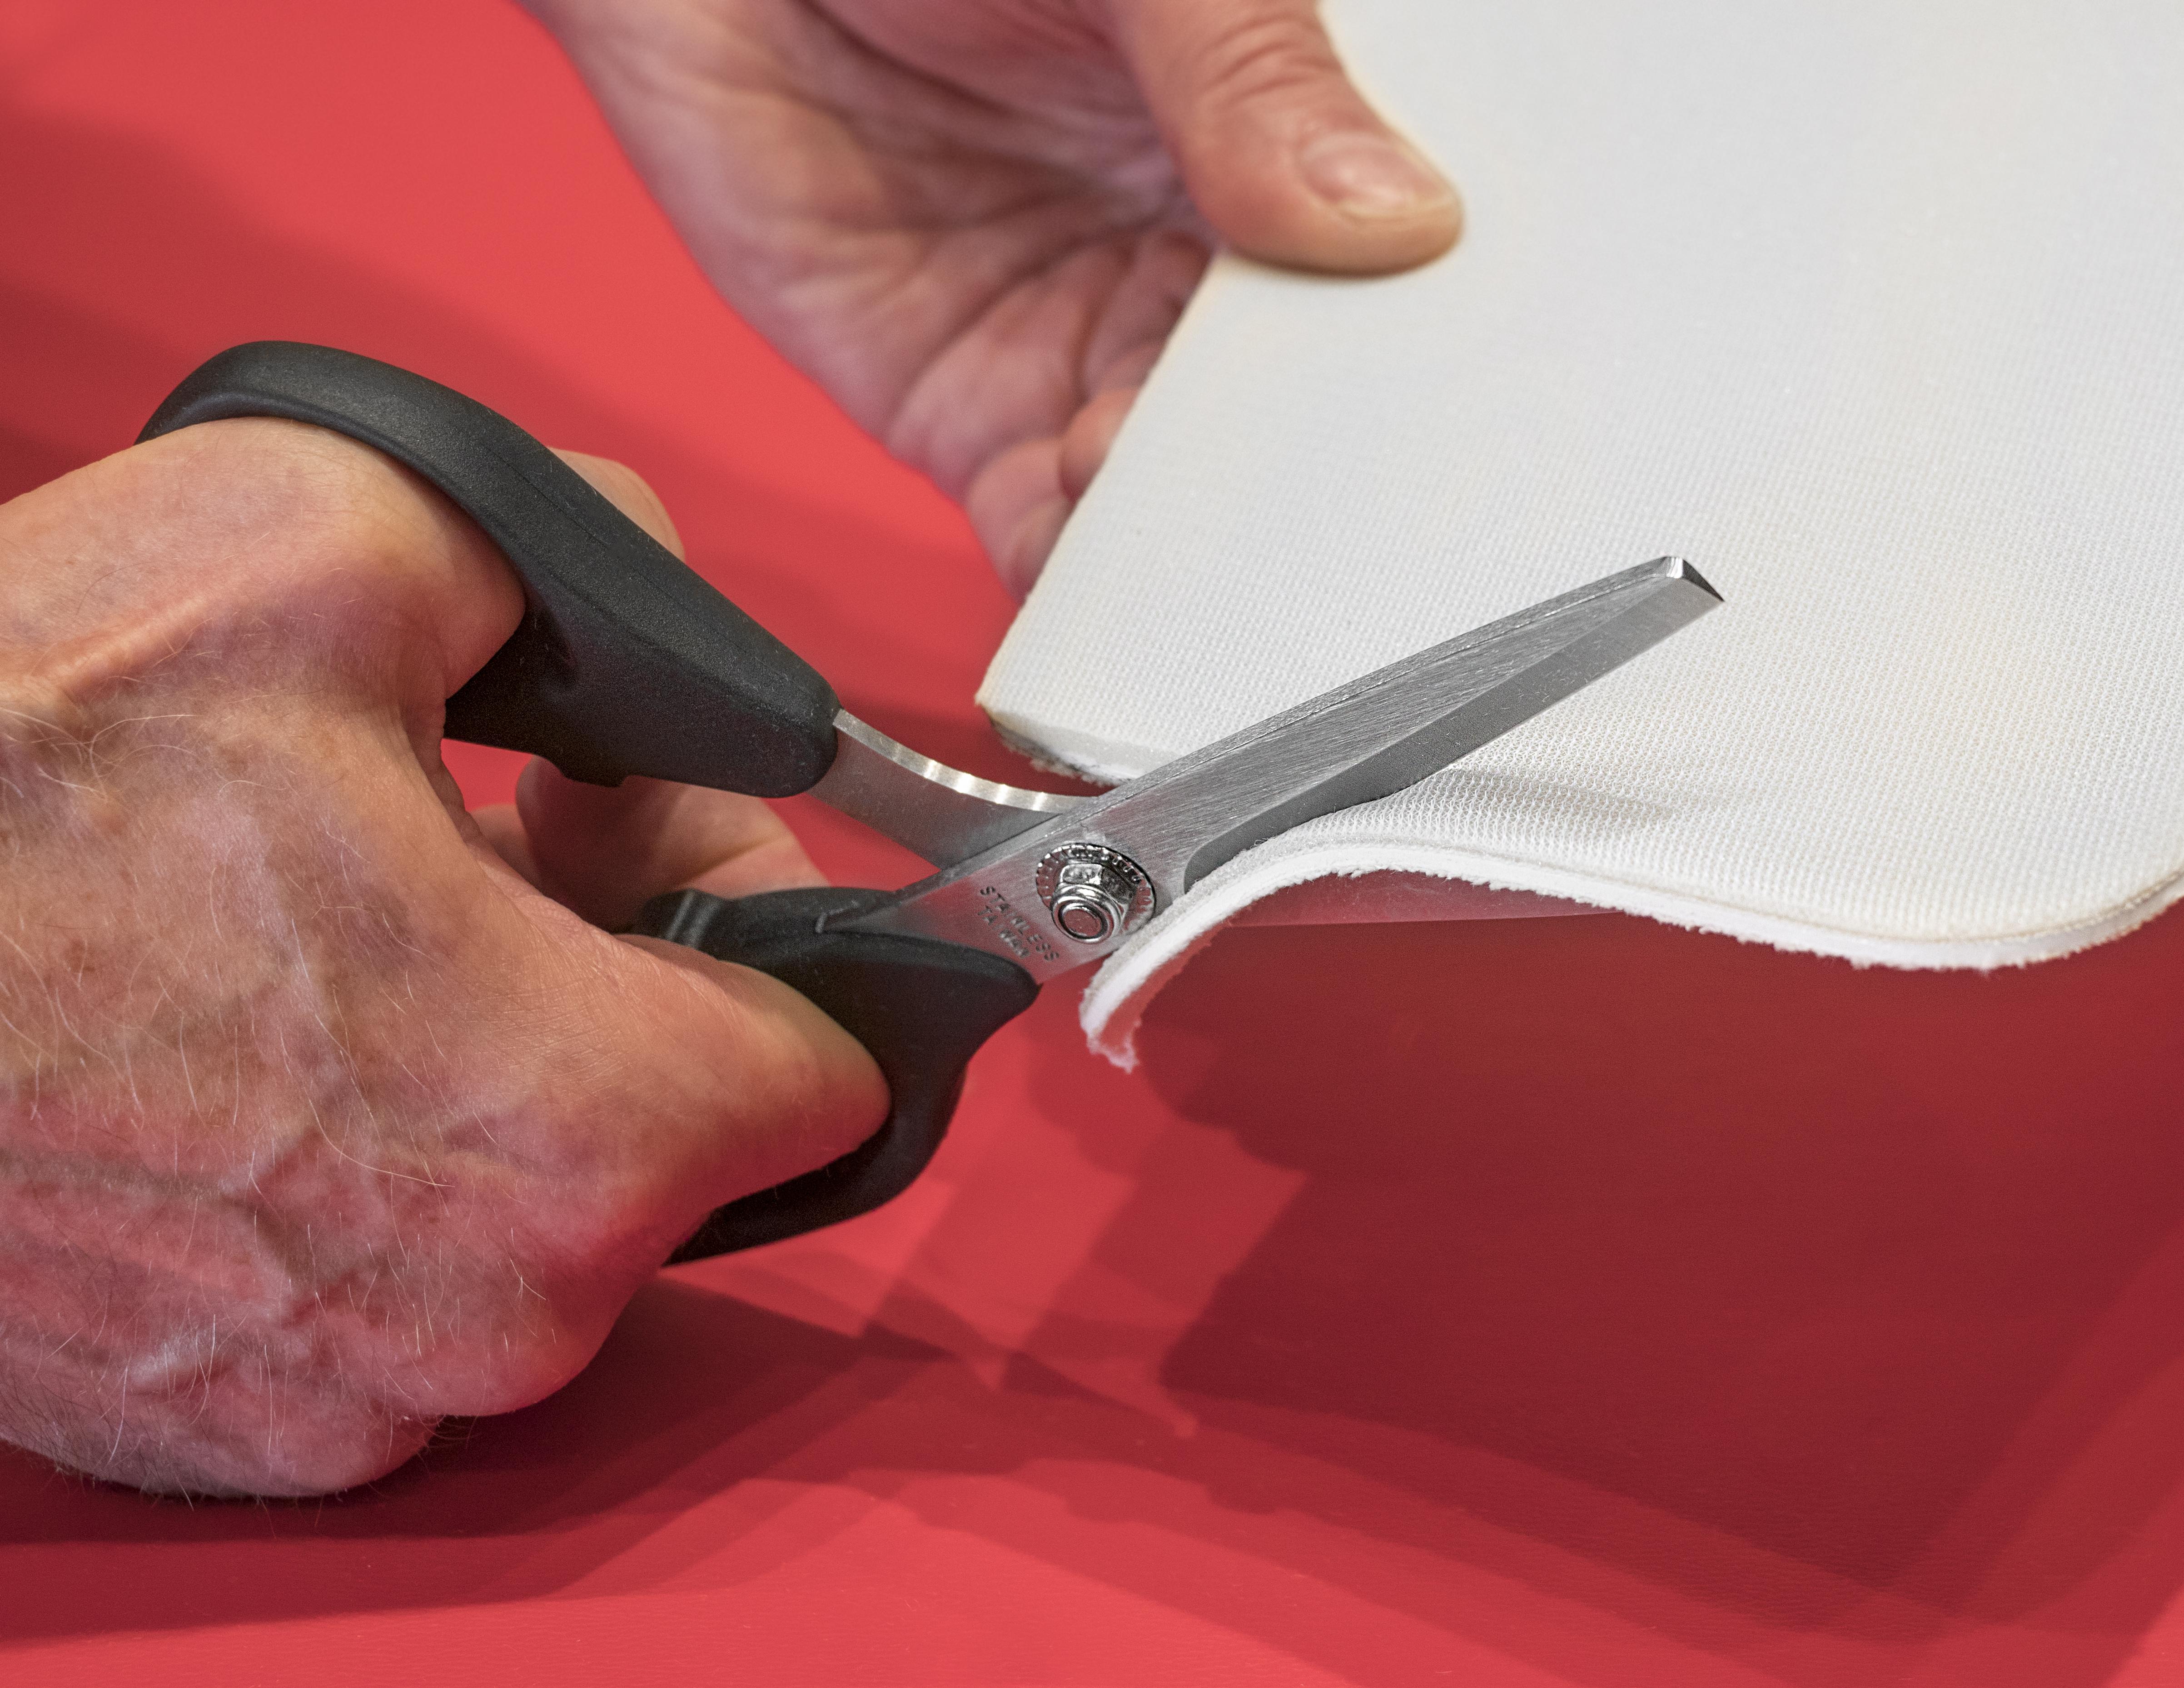 Pro_Scissors_Sleeve_0000_Pro_Scissors